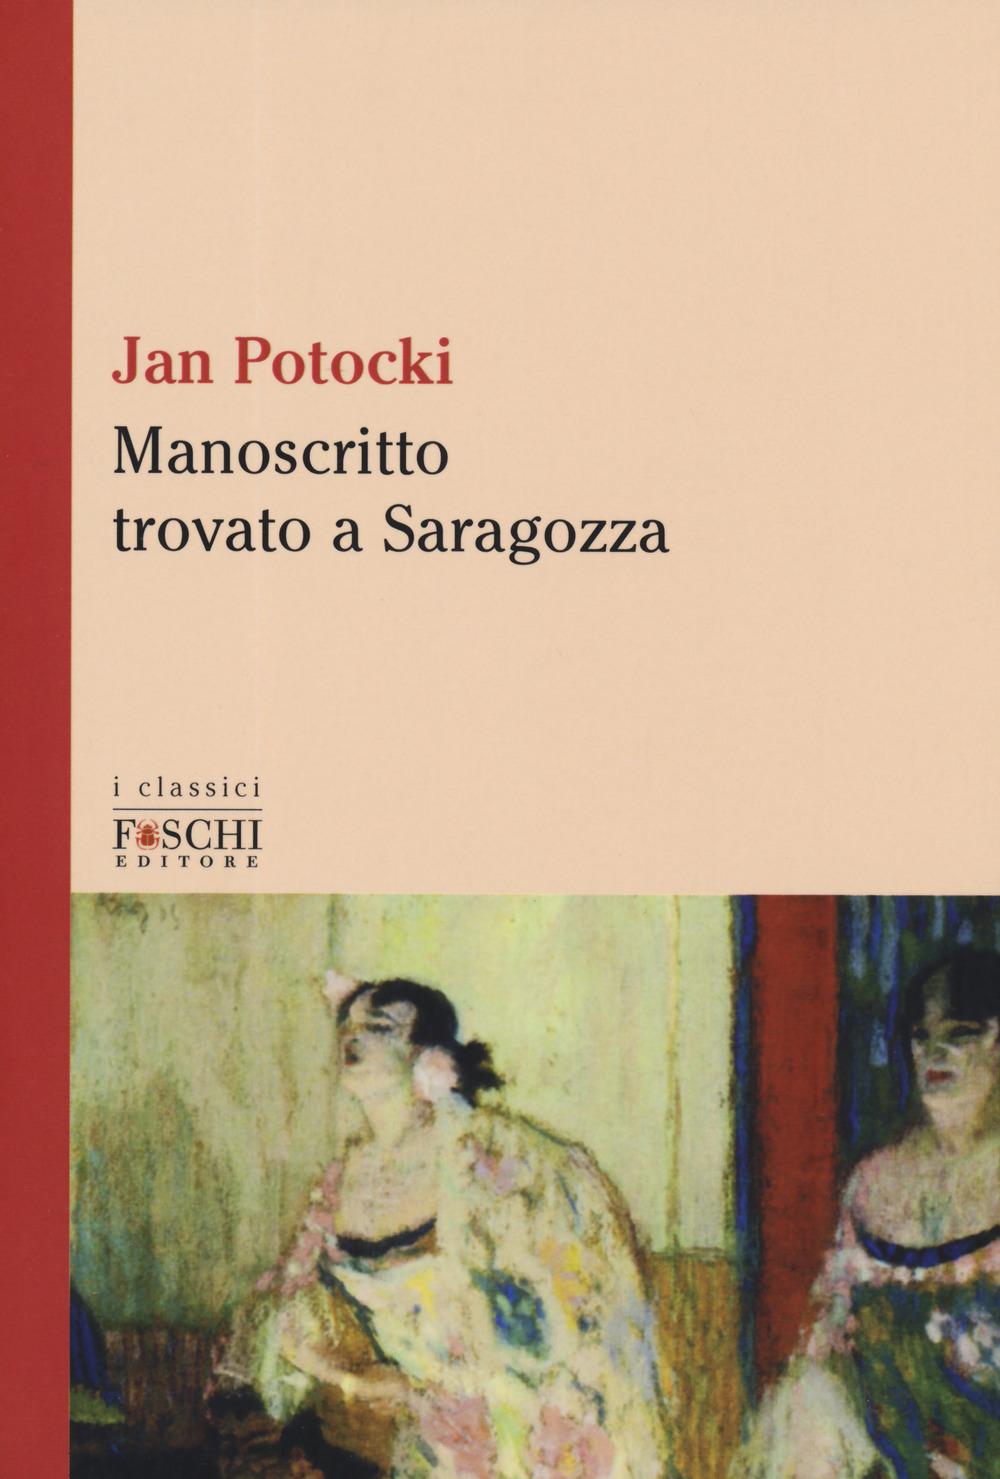 Image of Manoscritto trovato a Saragozza